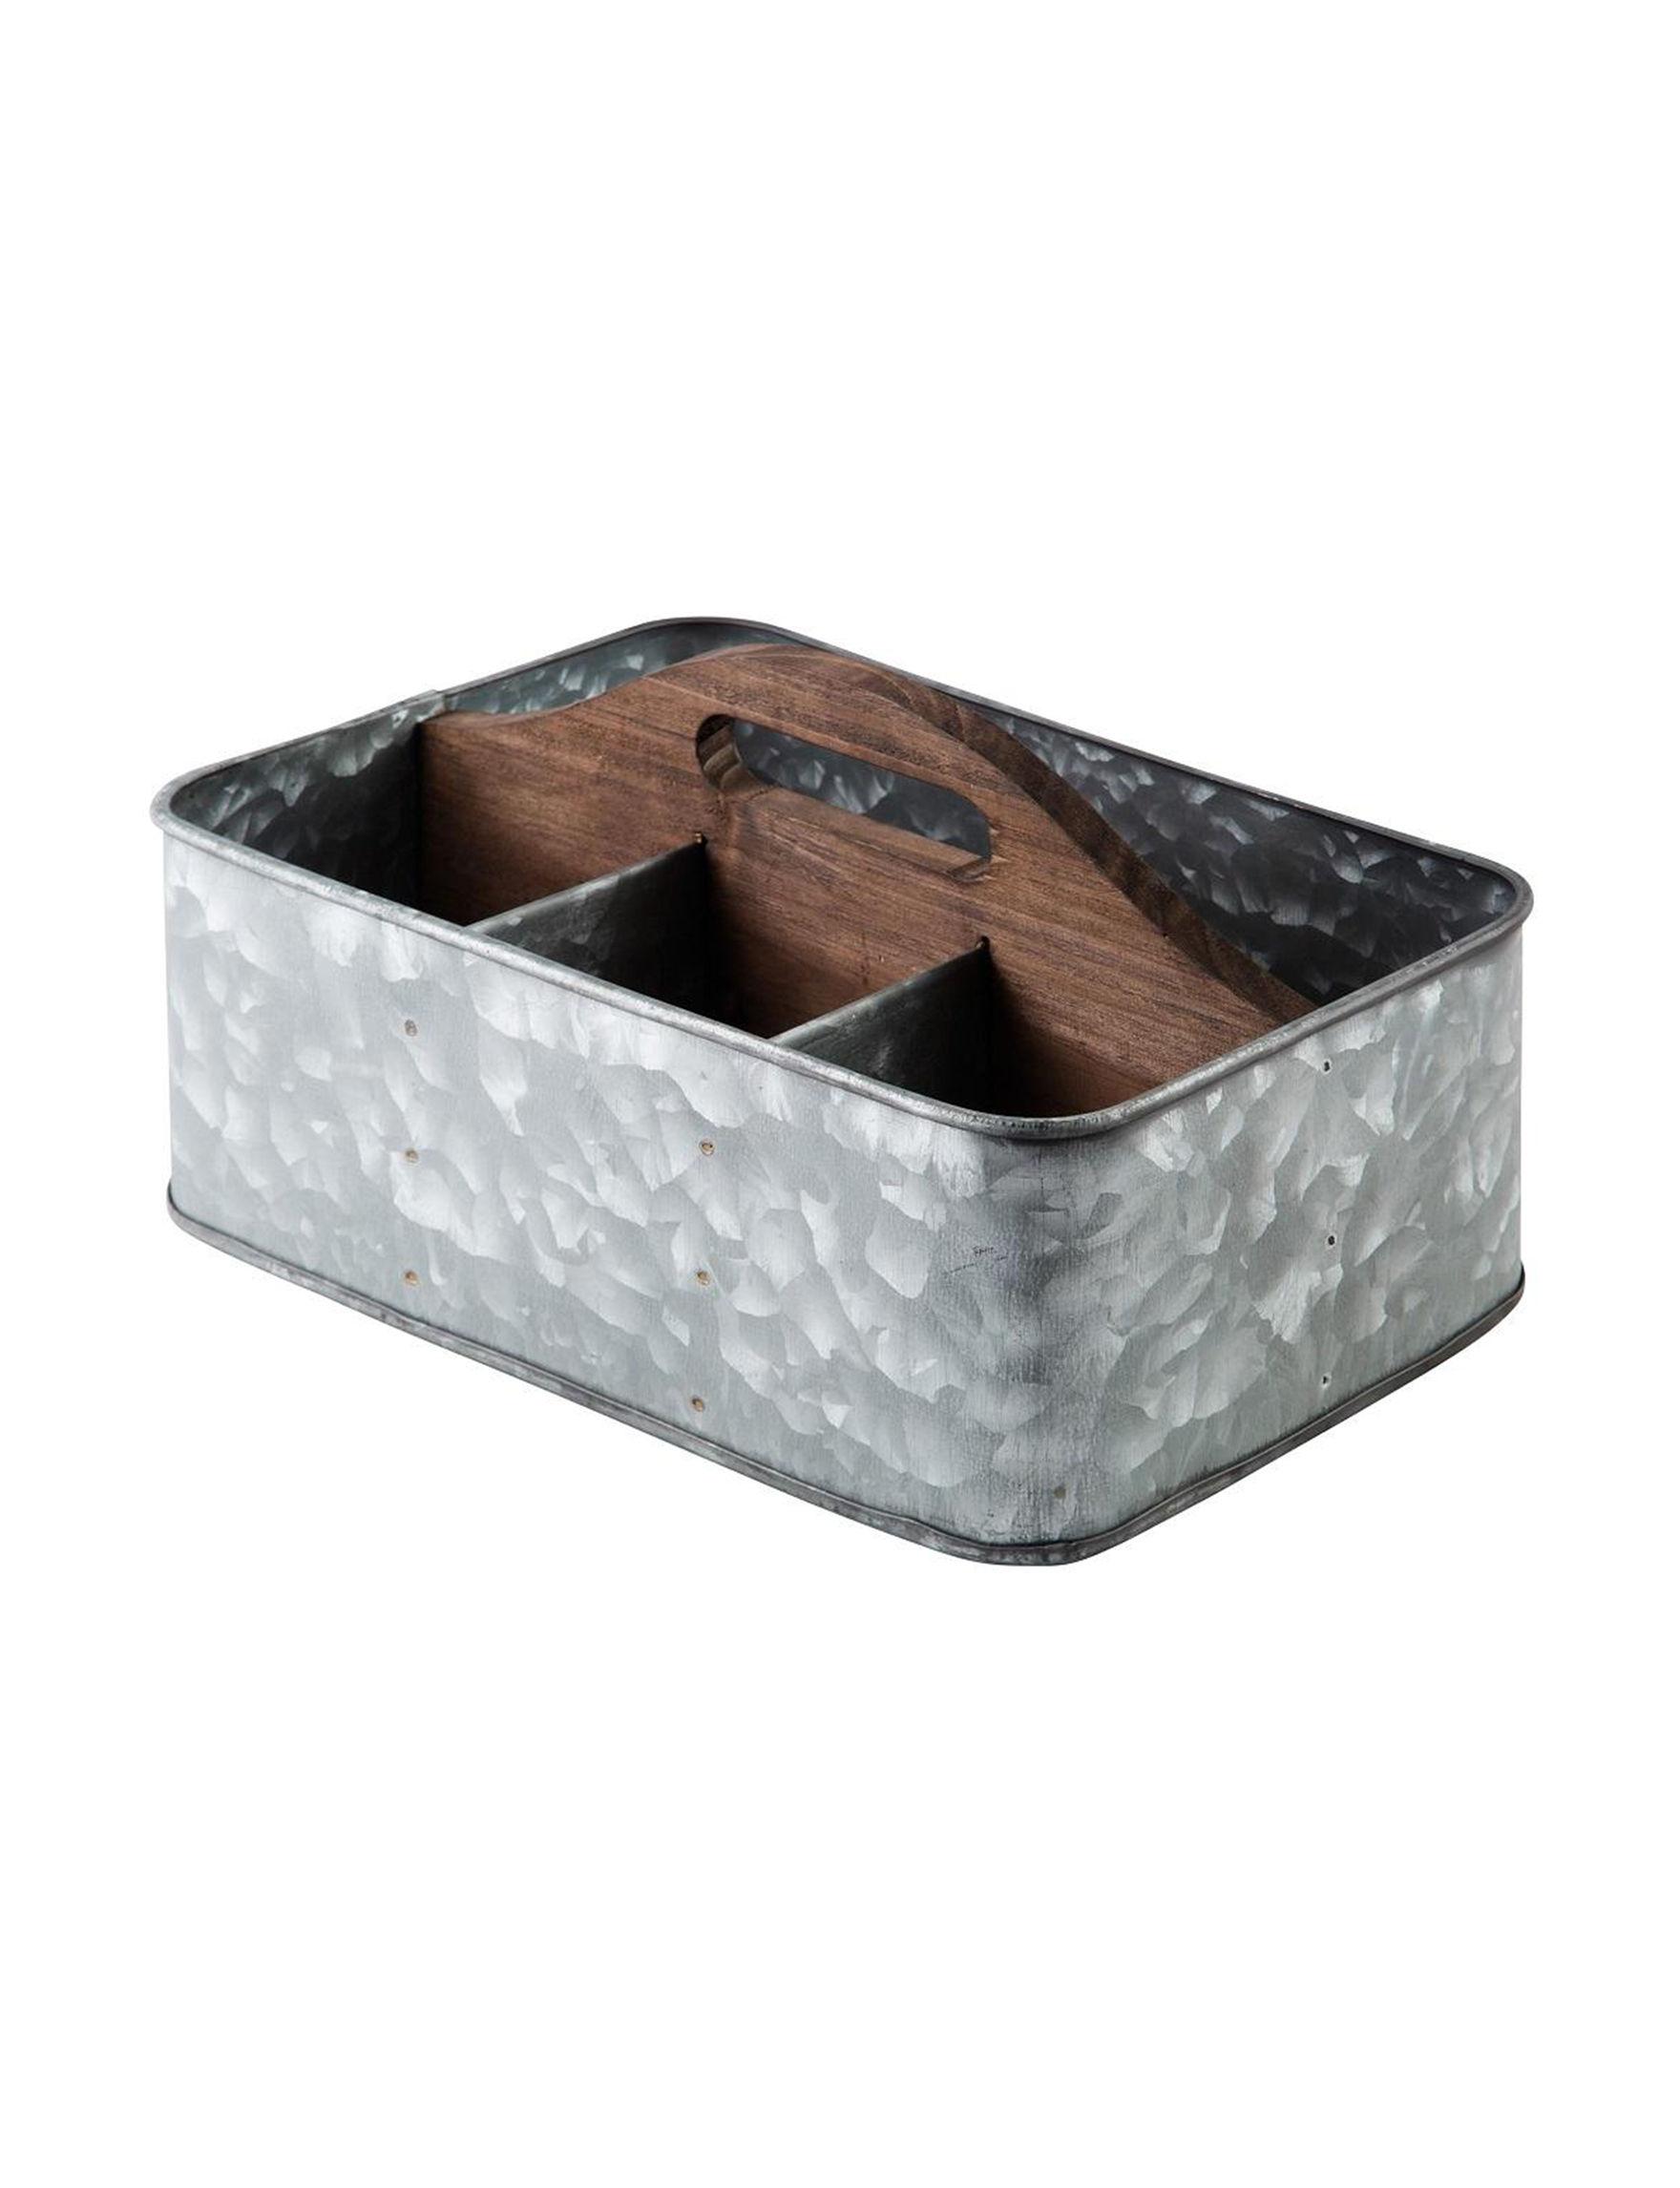 Home Essentials Grey / Brown Kitchen Storage & Organization